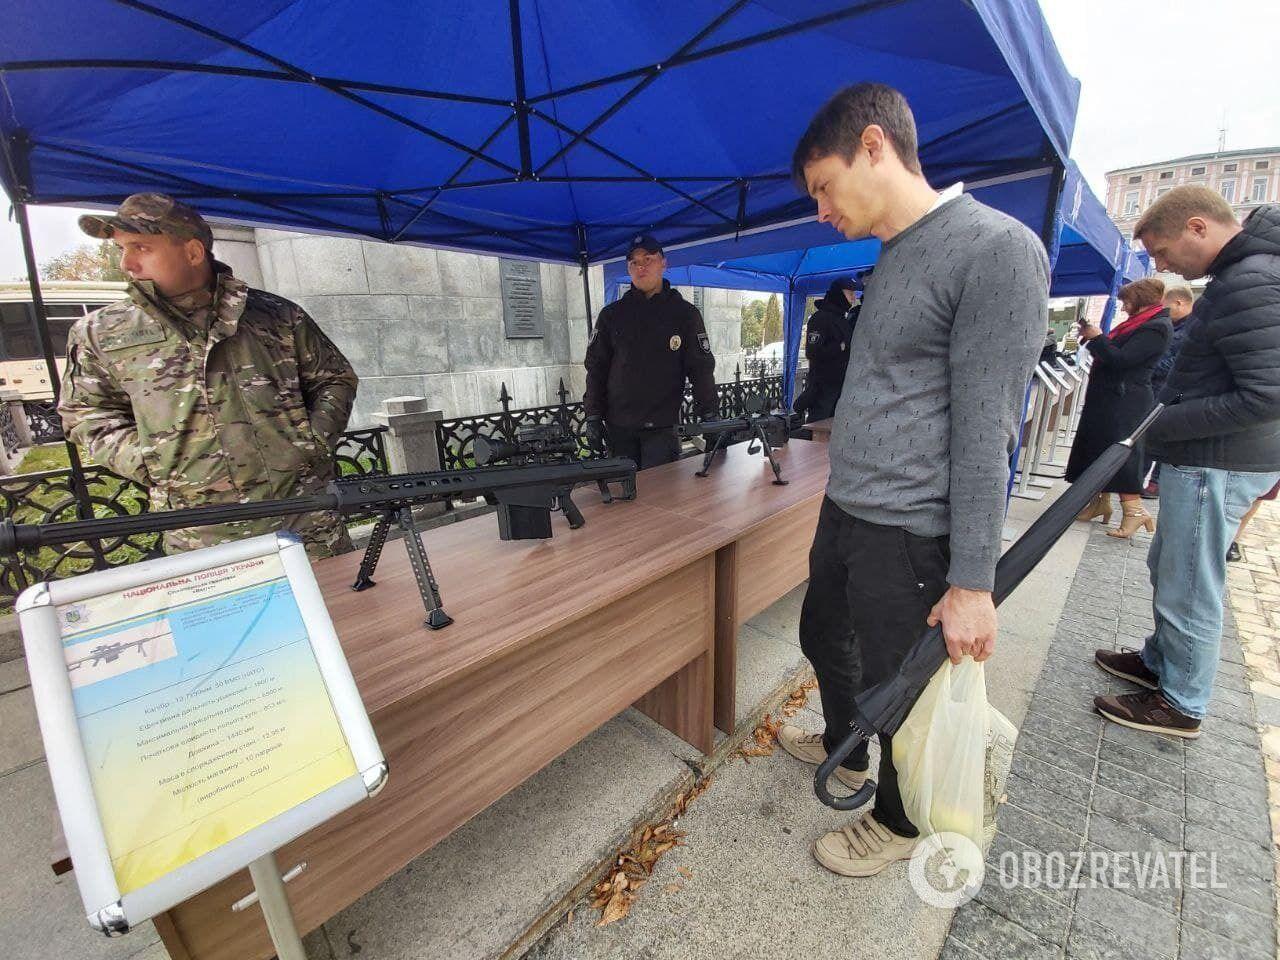 На выставке представлено оружие разных видов.